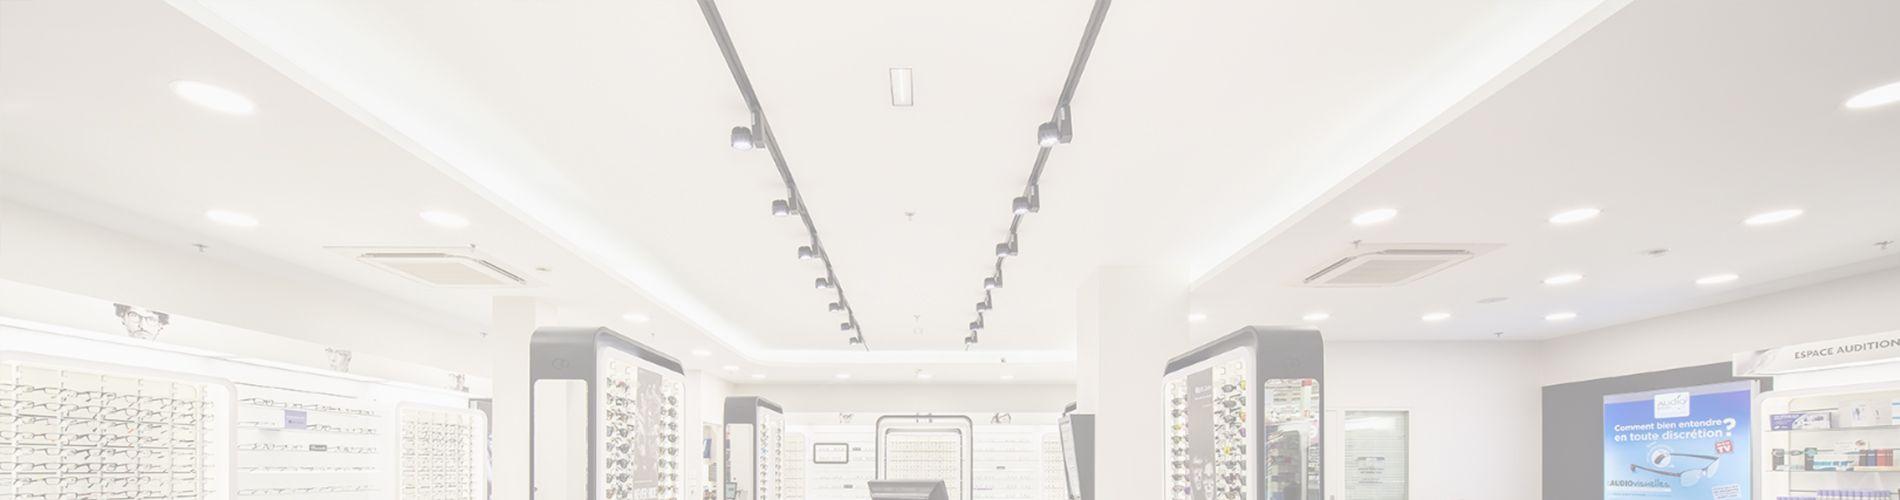 slide_commerces Eclairage commerces LED -  Conseils et informations